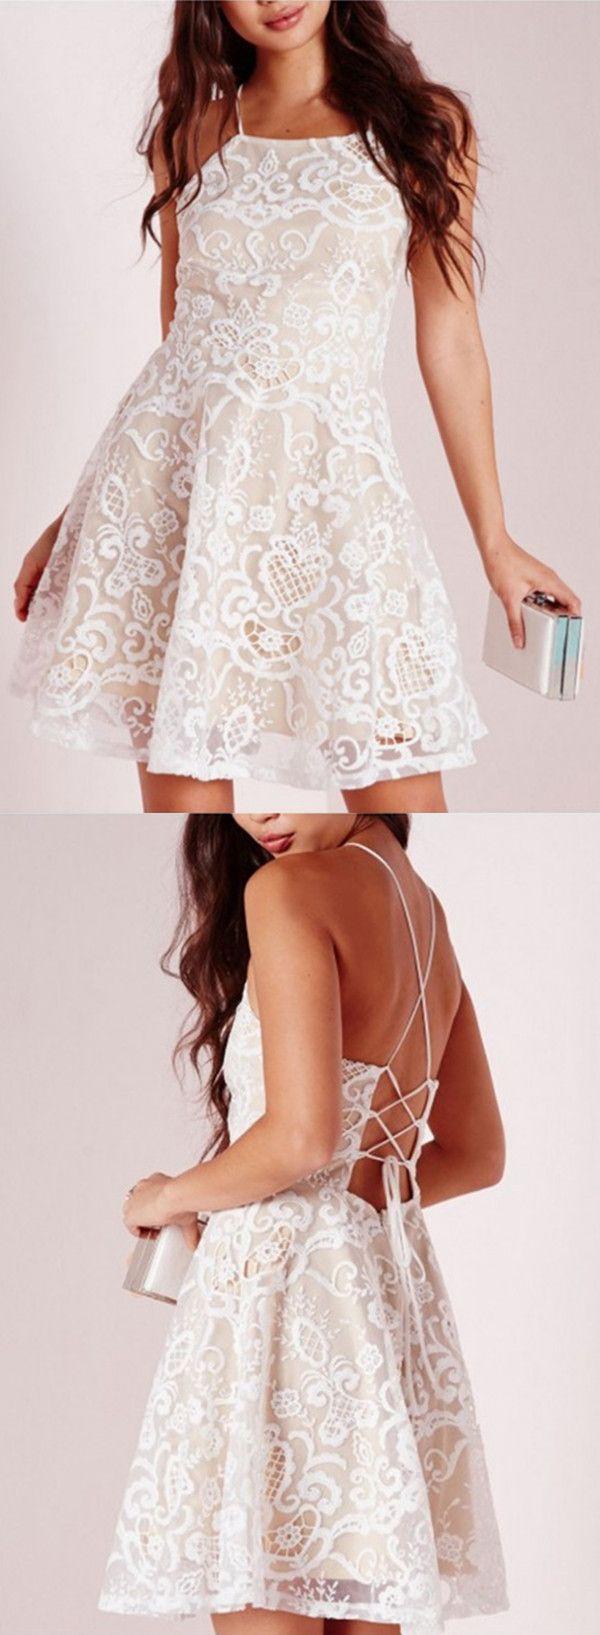 Modern white lace halter sleeveless crisscross straps short